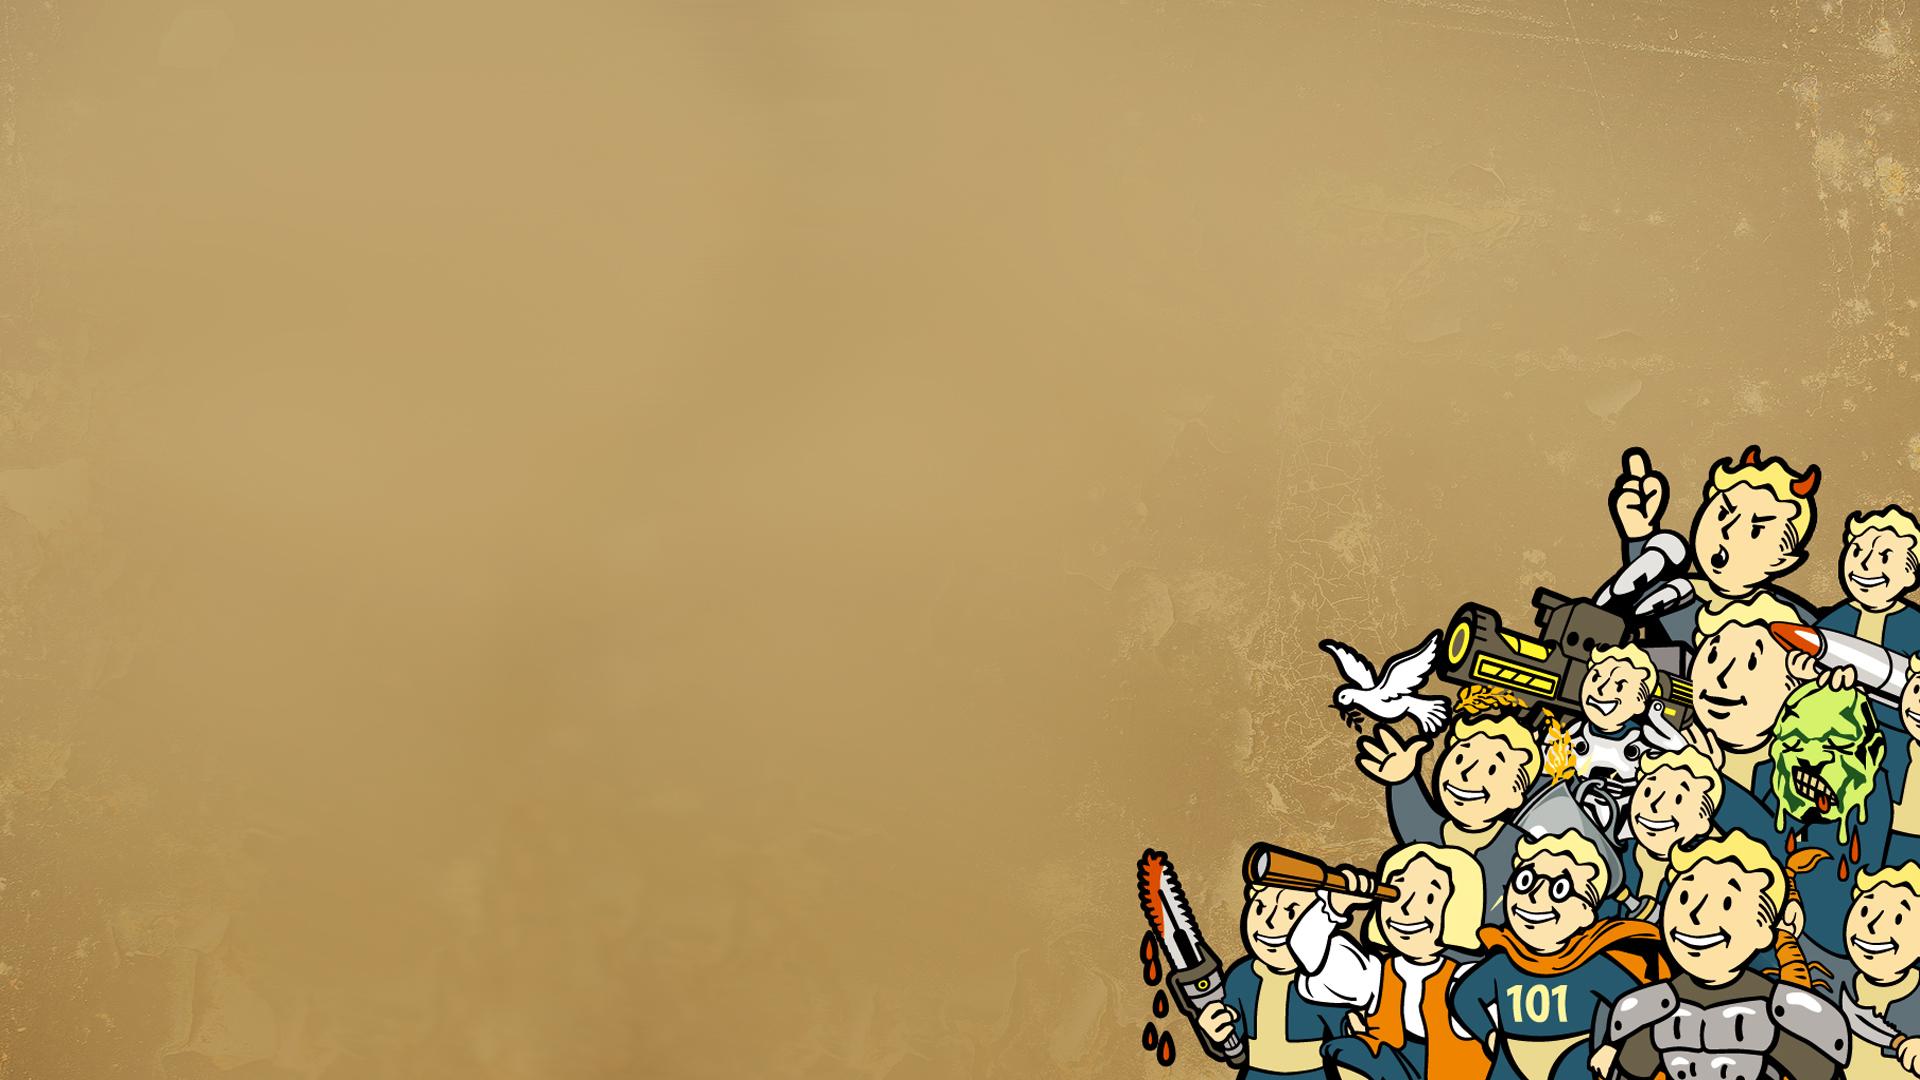 Fall Out Boy Iphone 6 Plus Wallpaper Fallout Full Hd Fondo De Pantalla And Fondo De Escritorio